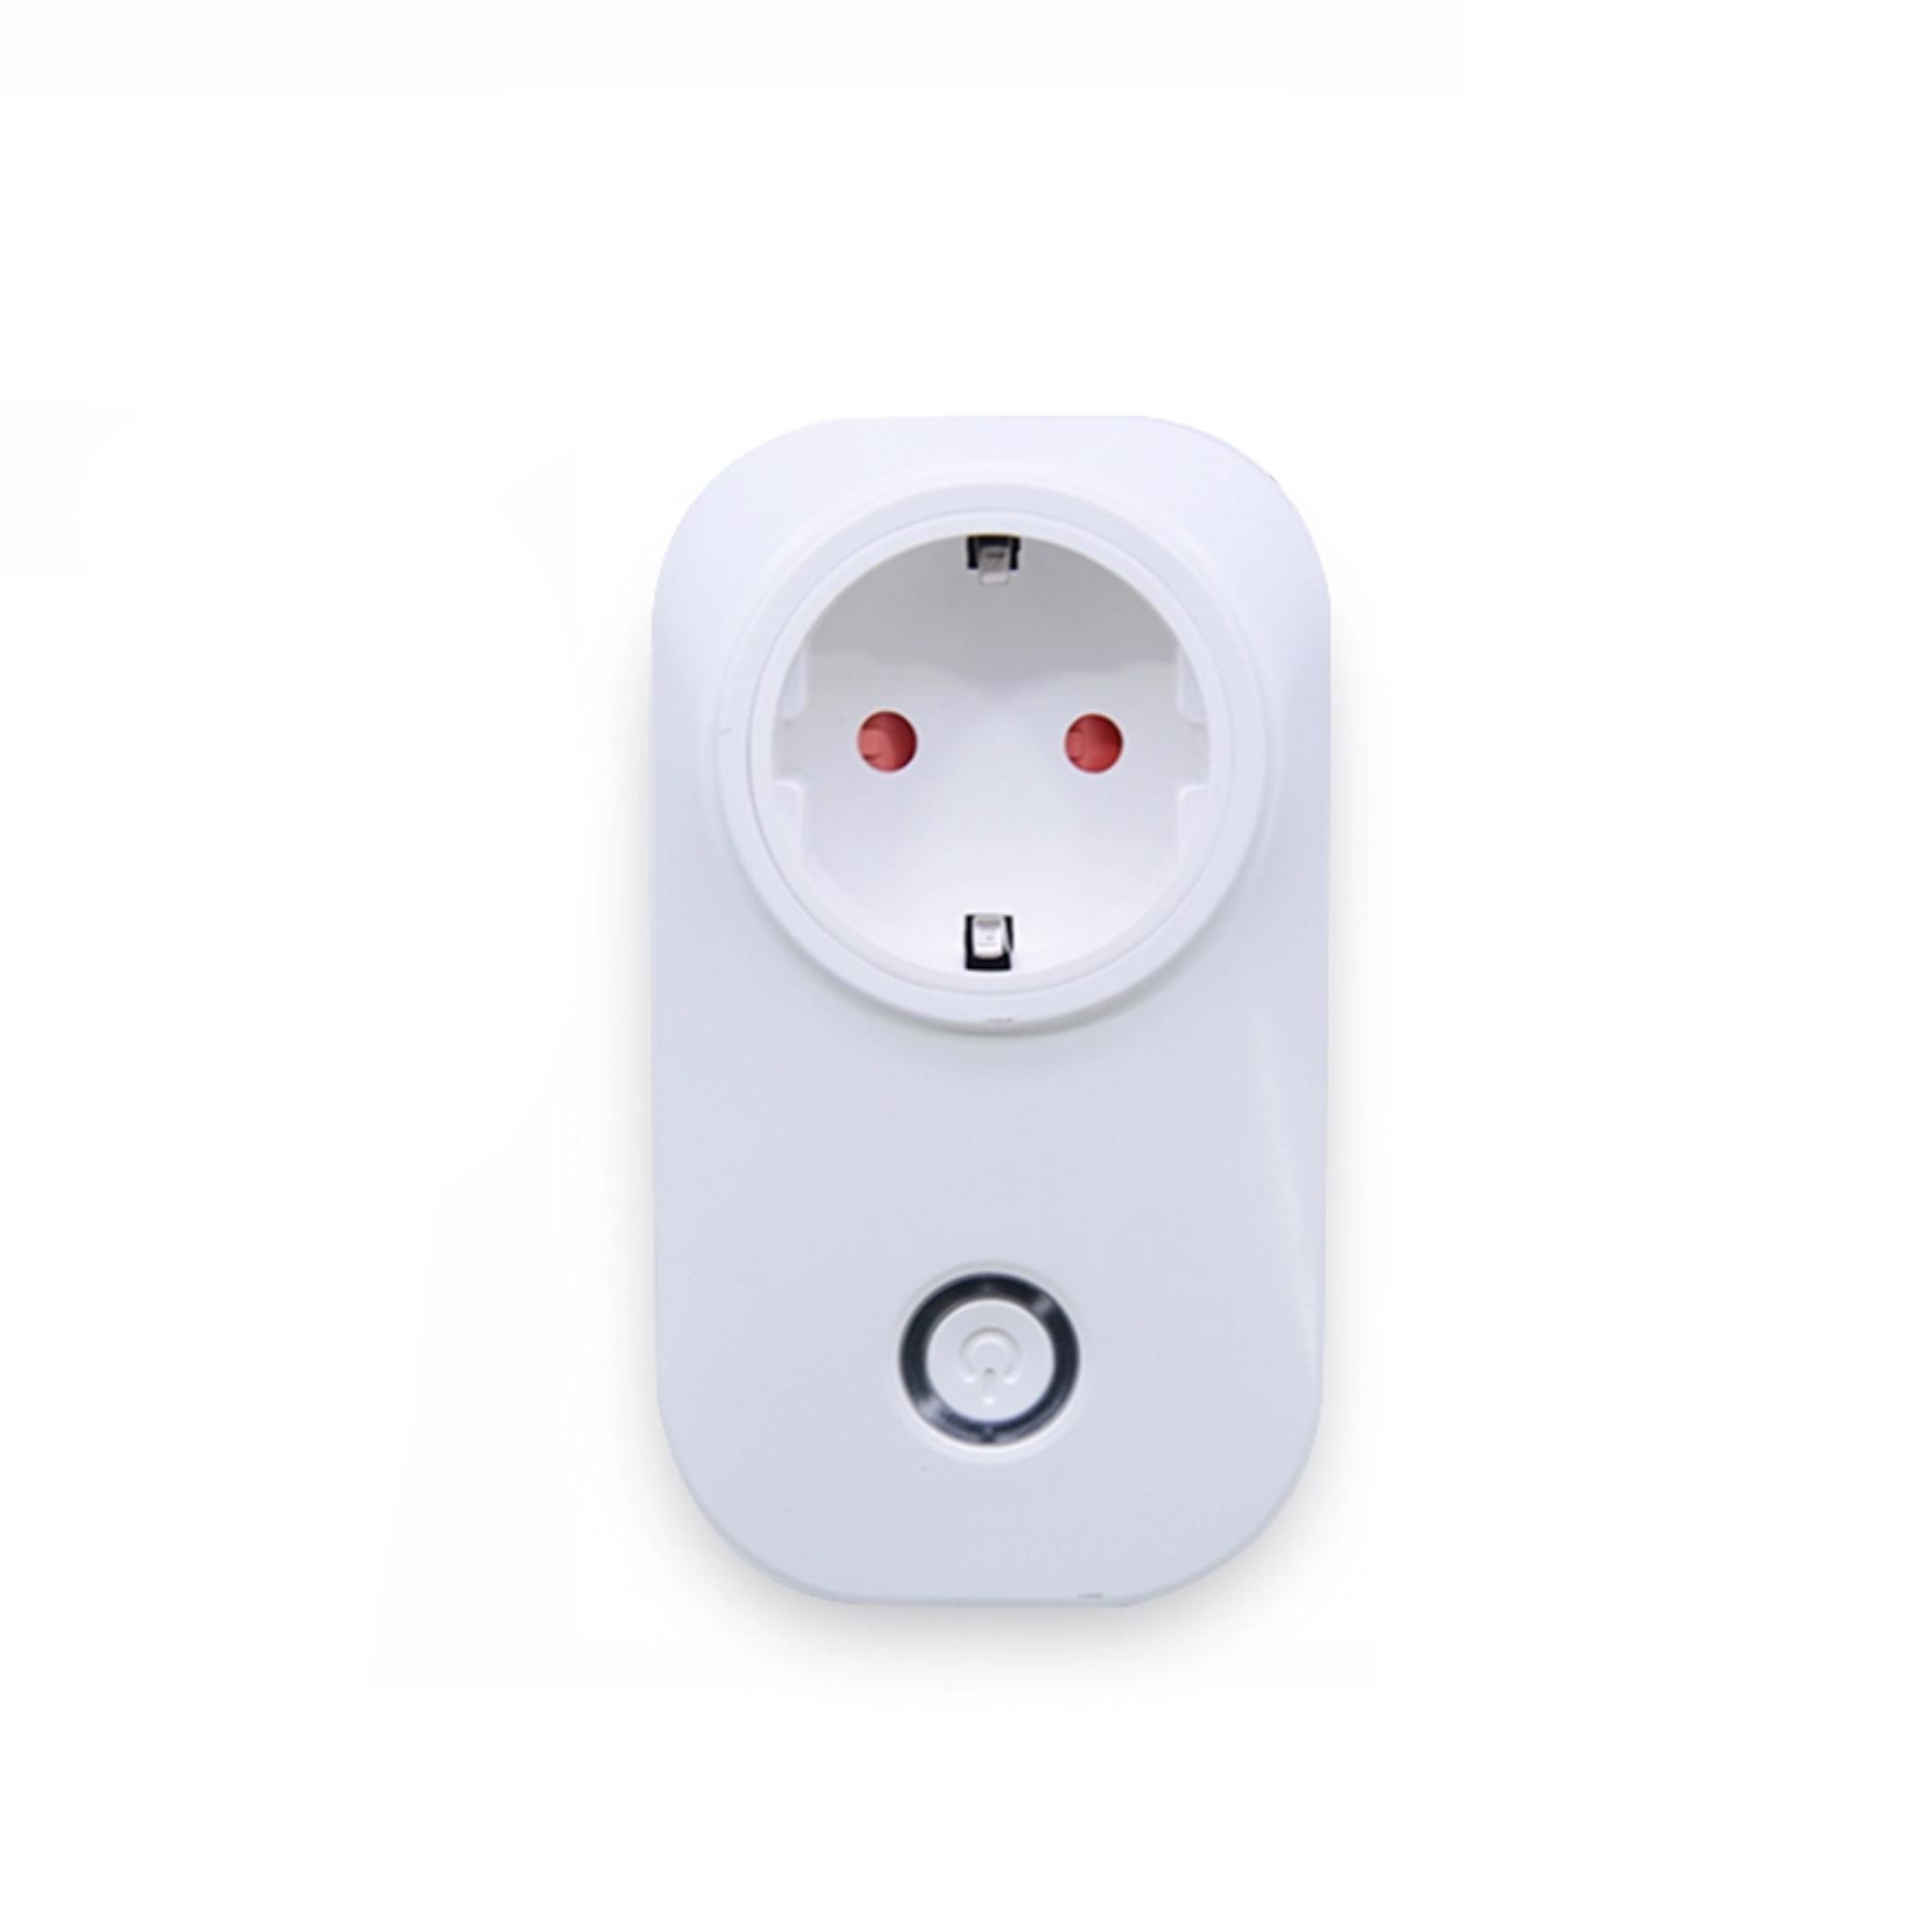 Sensref Plug Gateway